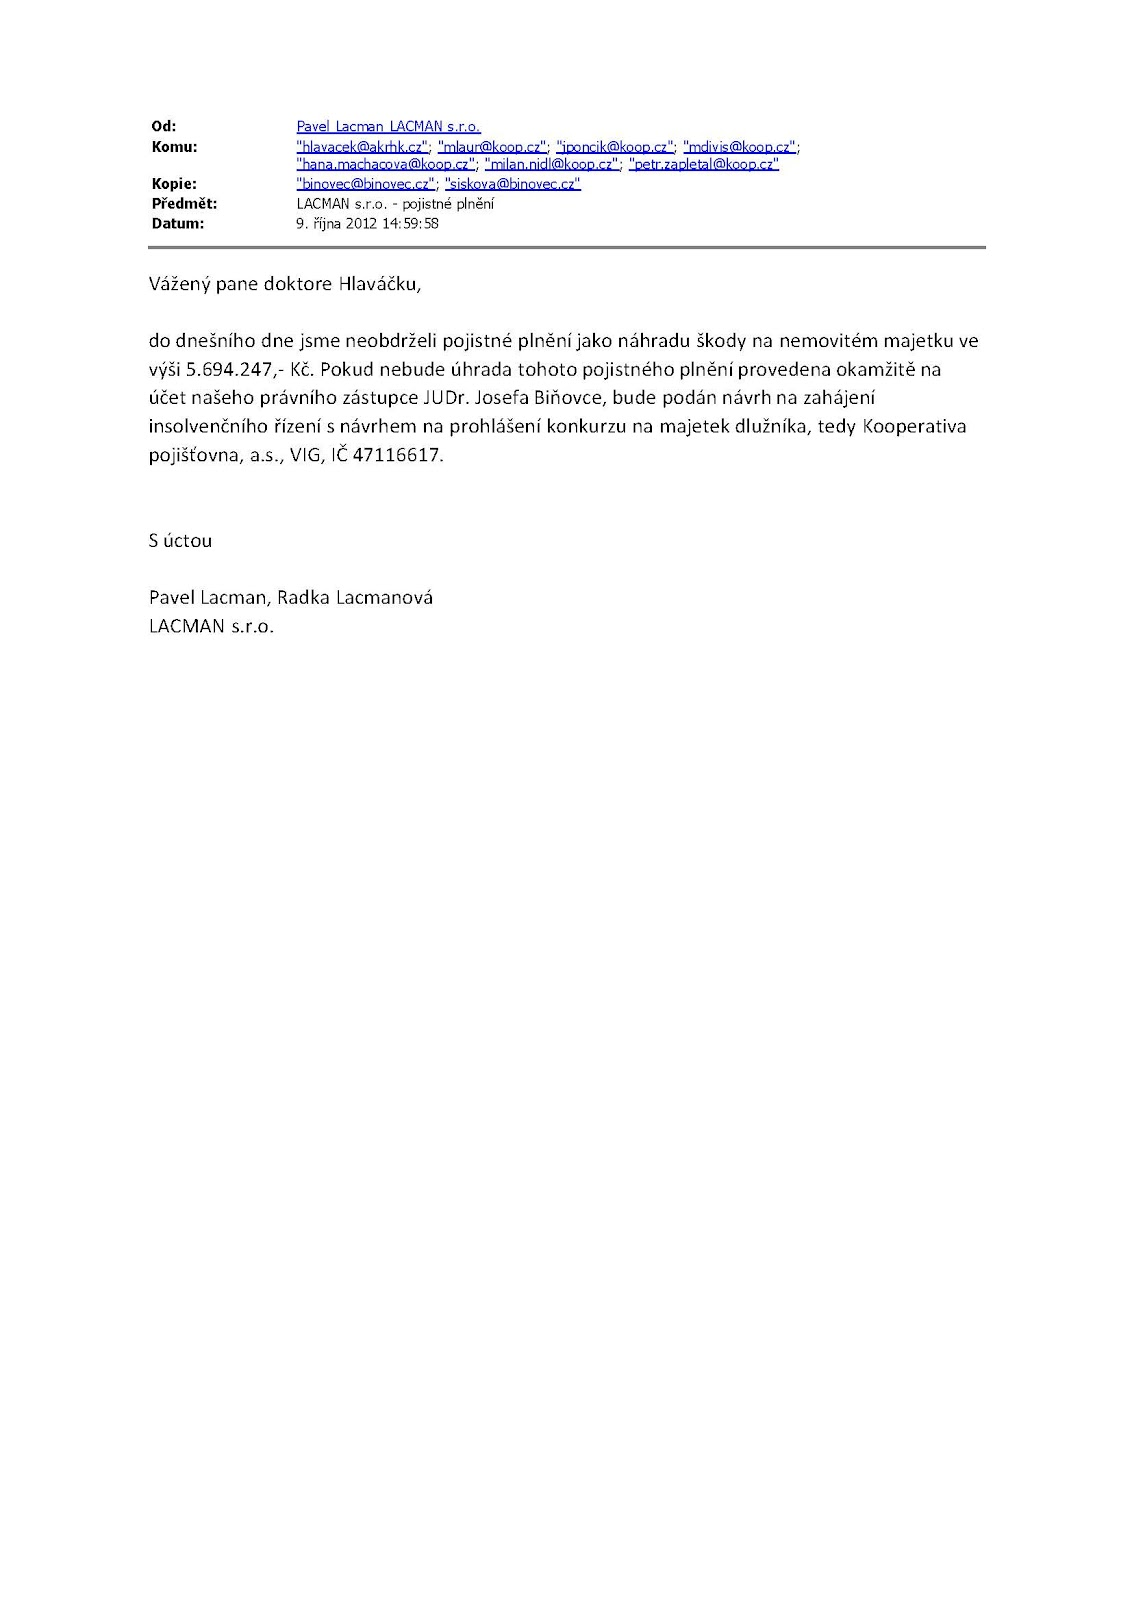 Odvolání proti plnění pojišťovny